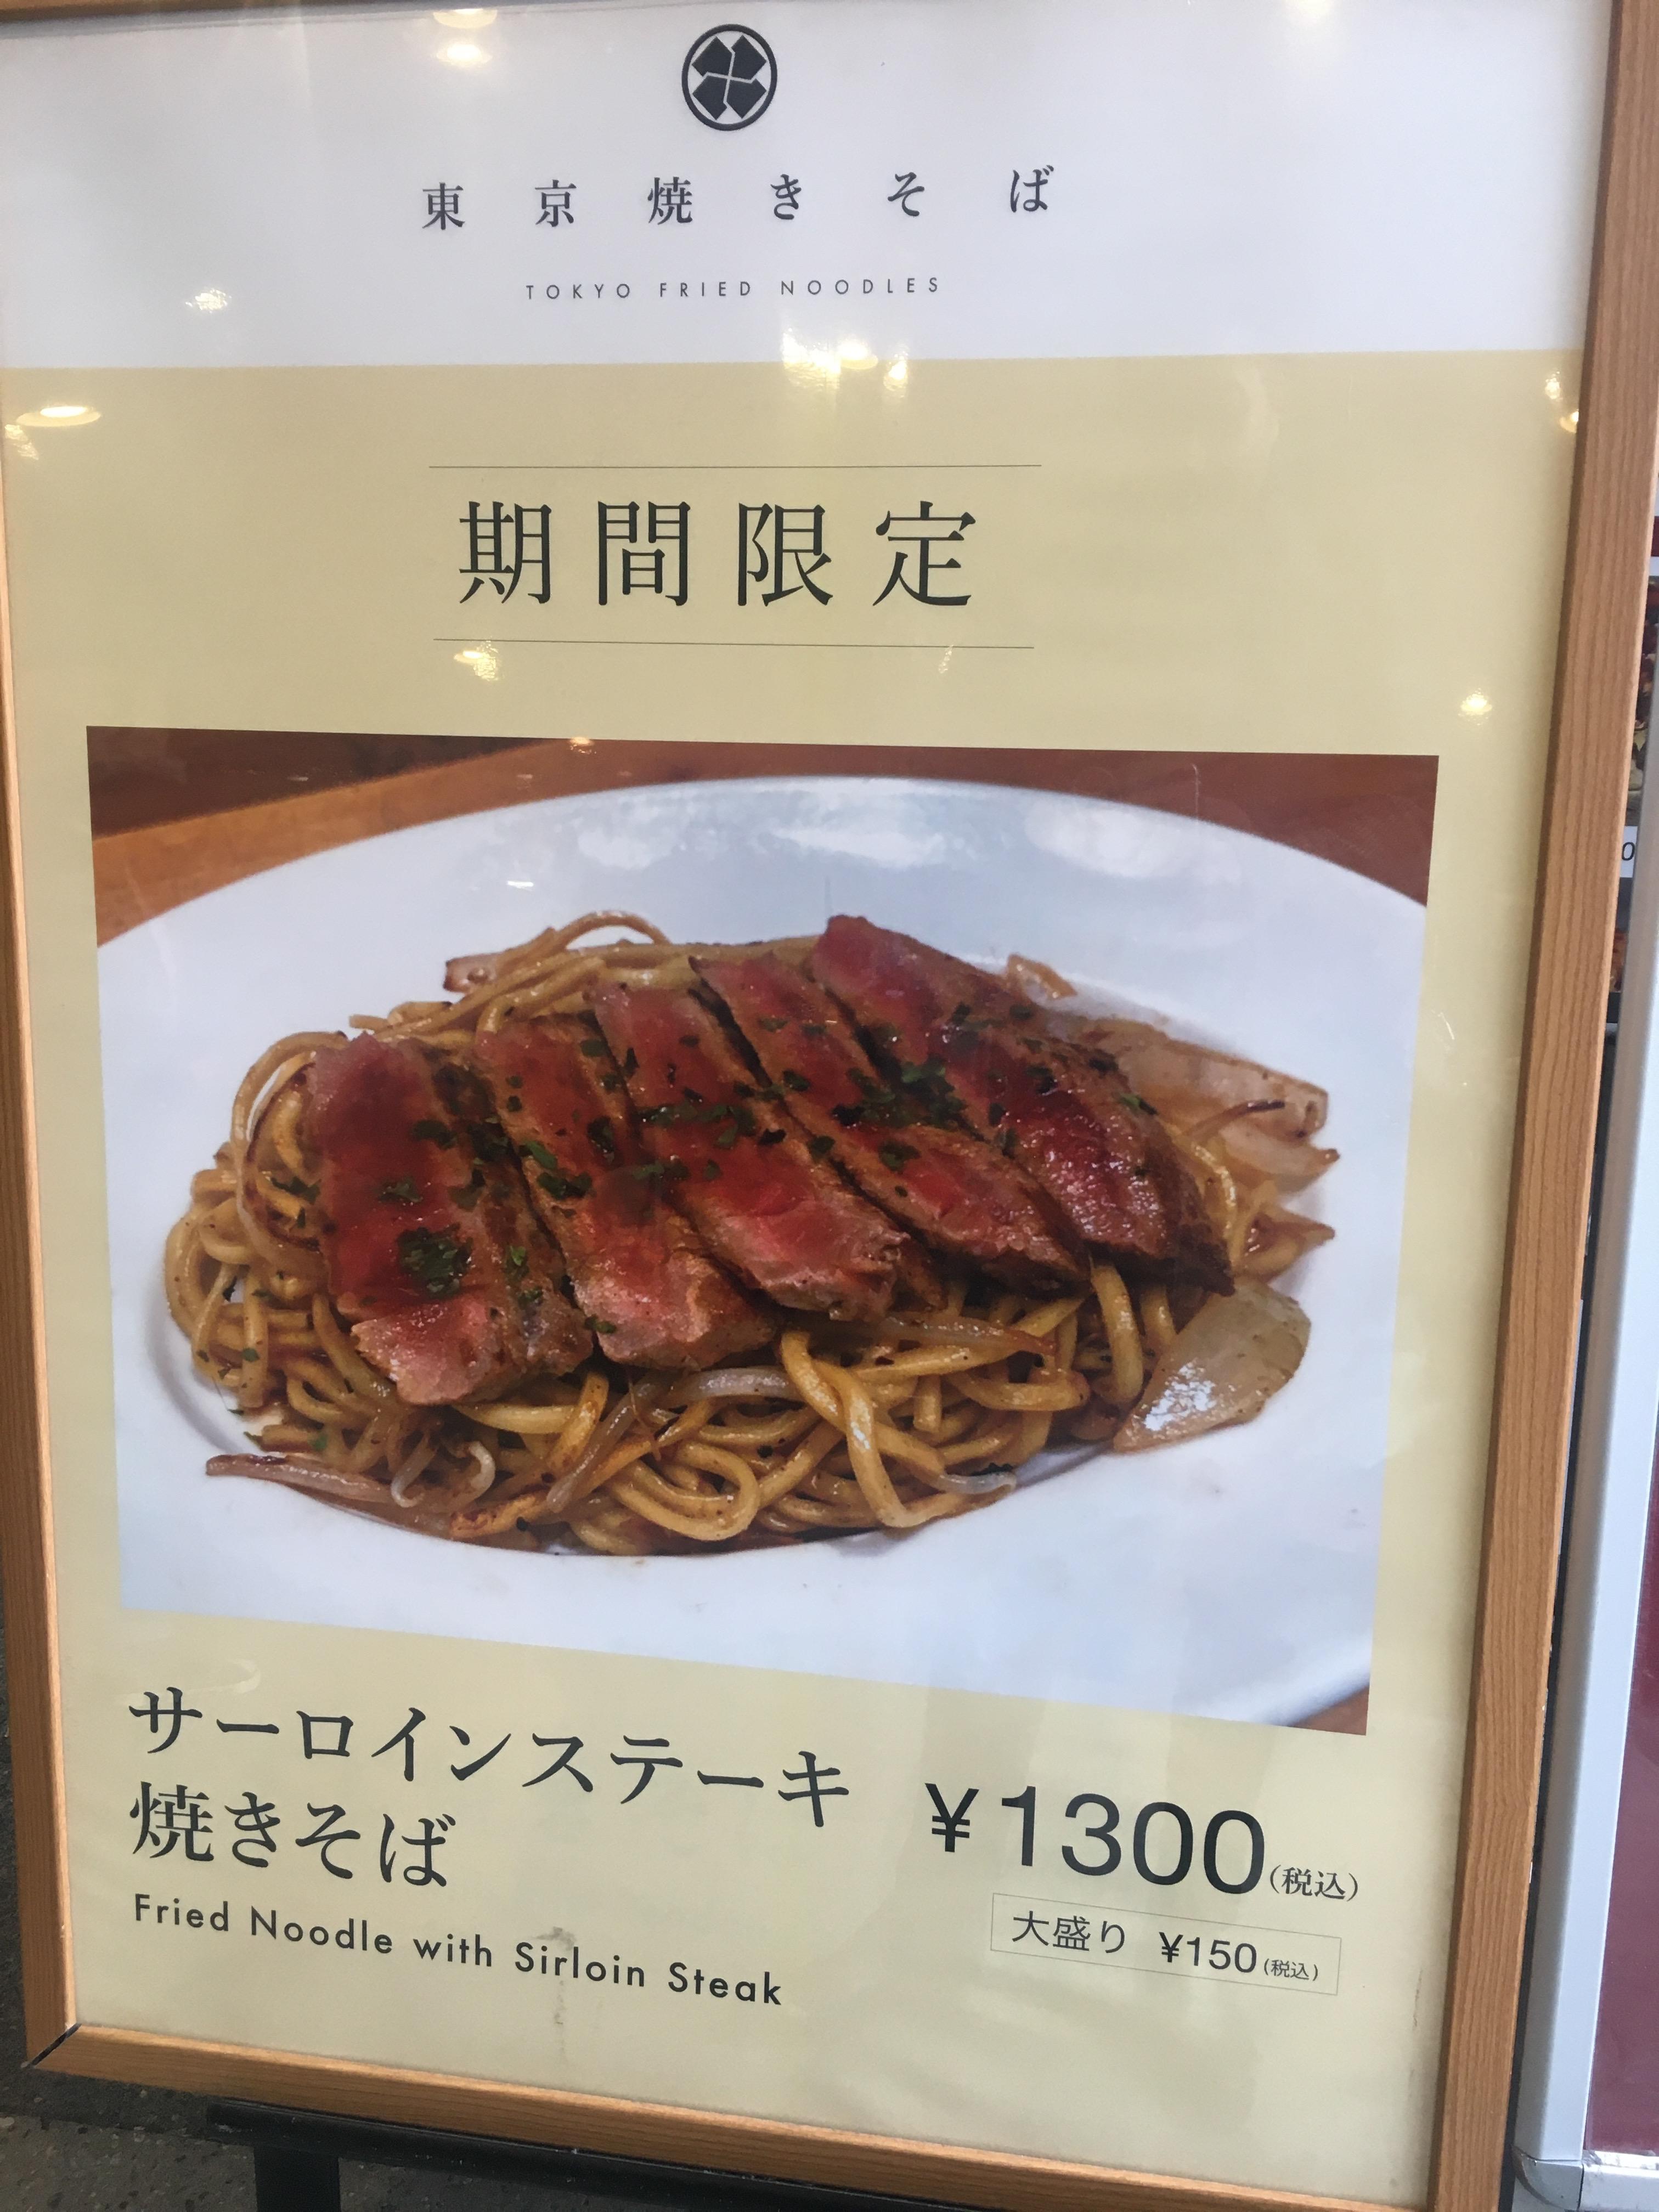 「サーロインステーキ焼きそば」|行政書士阿部総合事務所